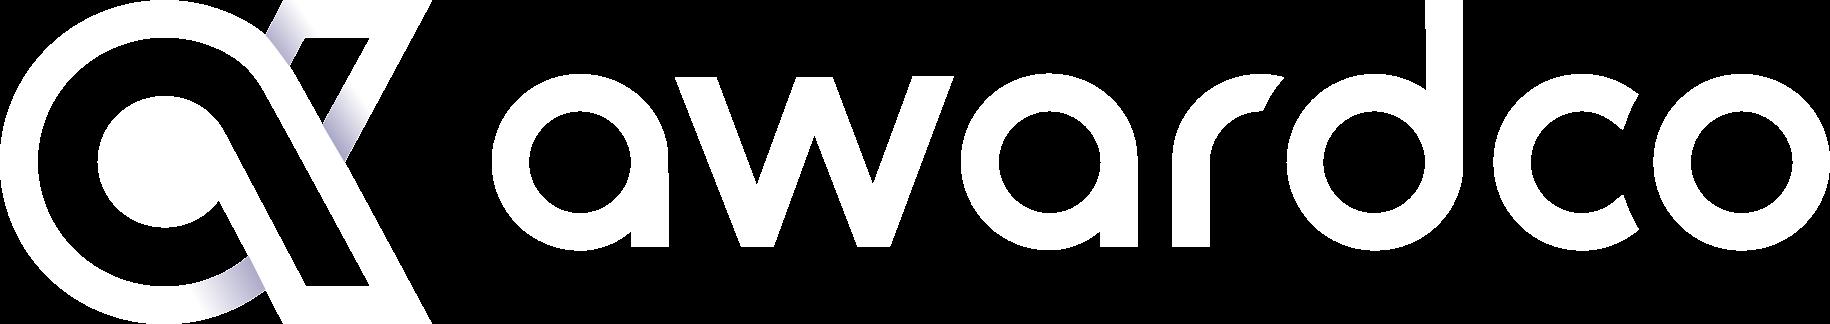 awardco-horiztonal-white